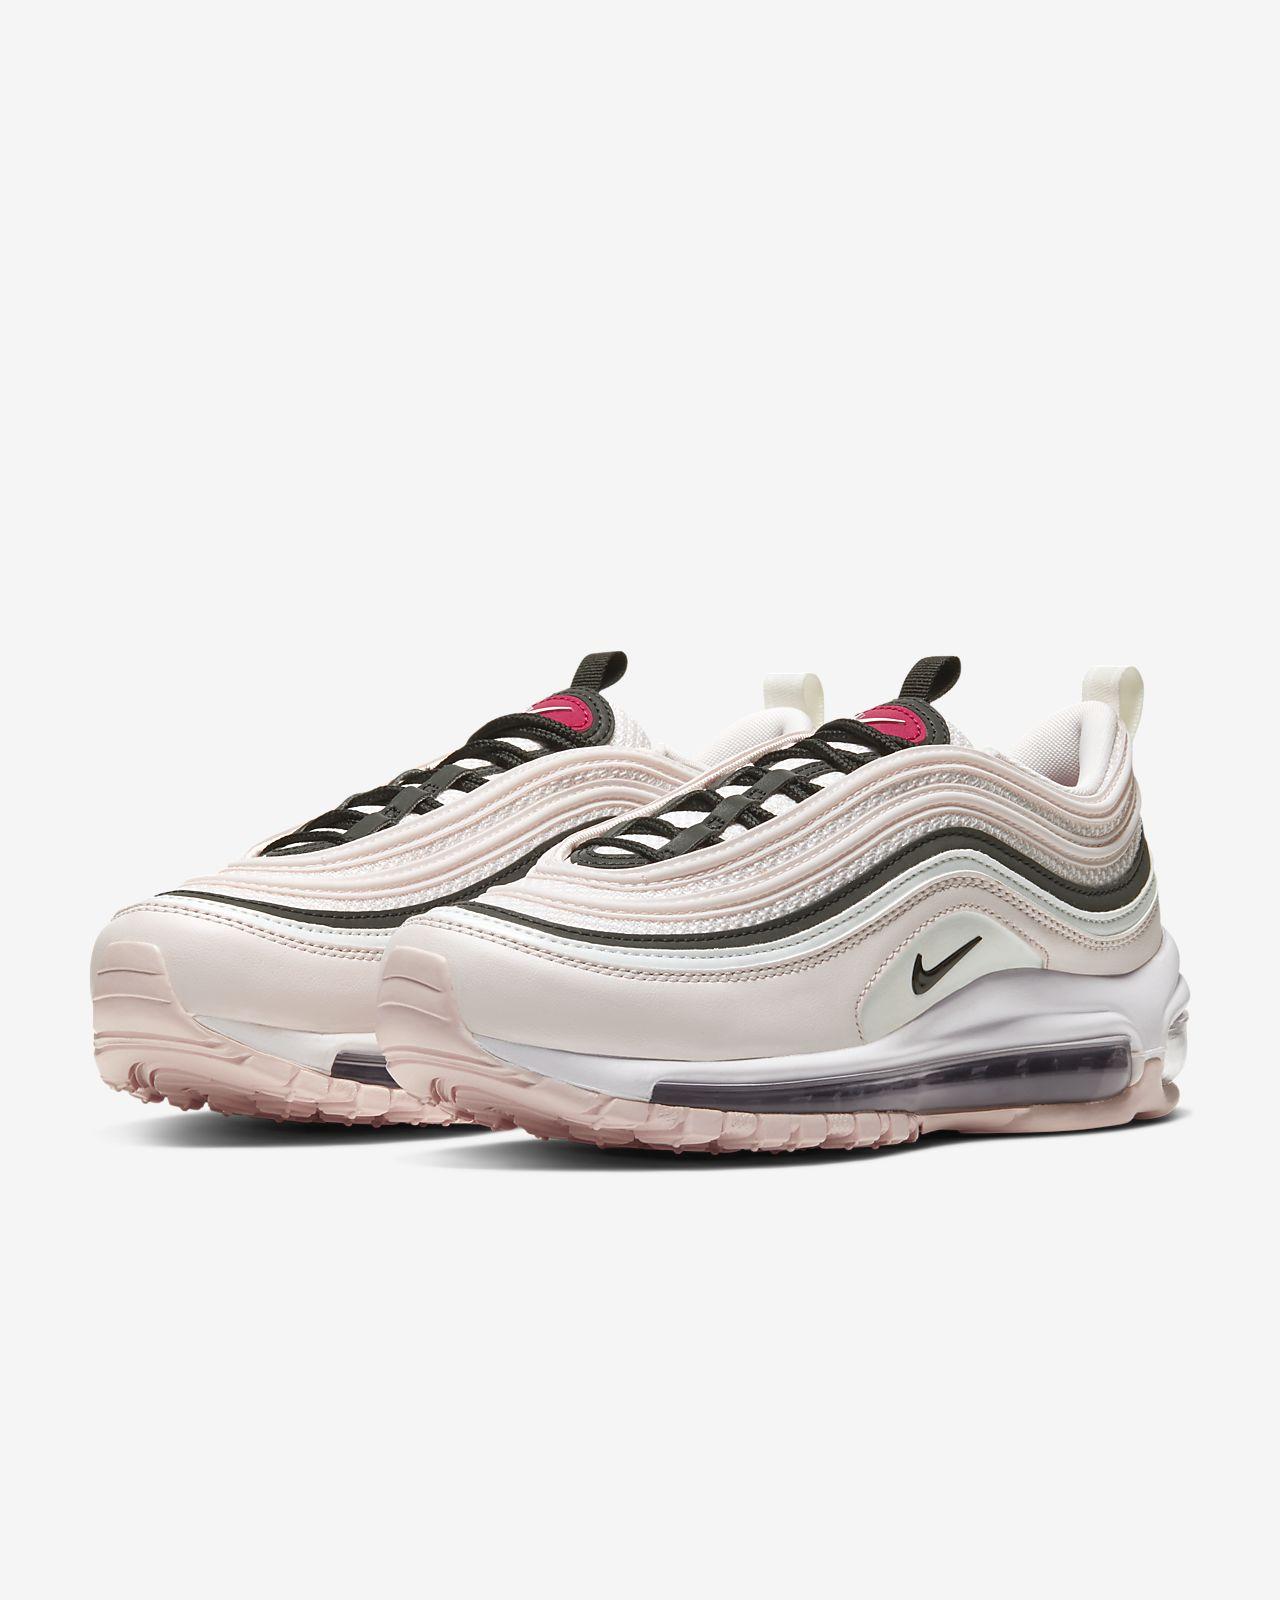 venta usa en línea imágenes oficiales los mejores precios Nike Air Max 97 Women's Shoe